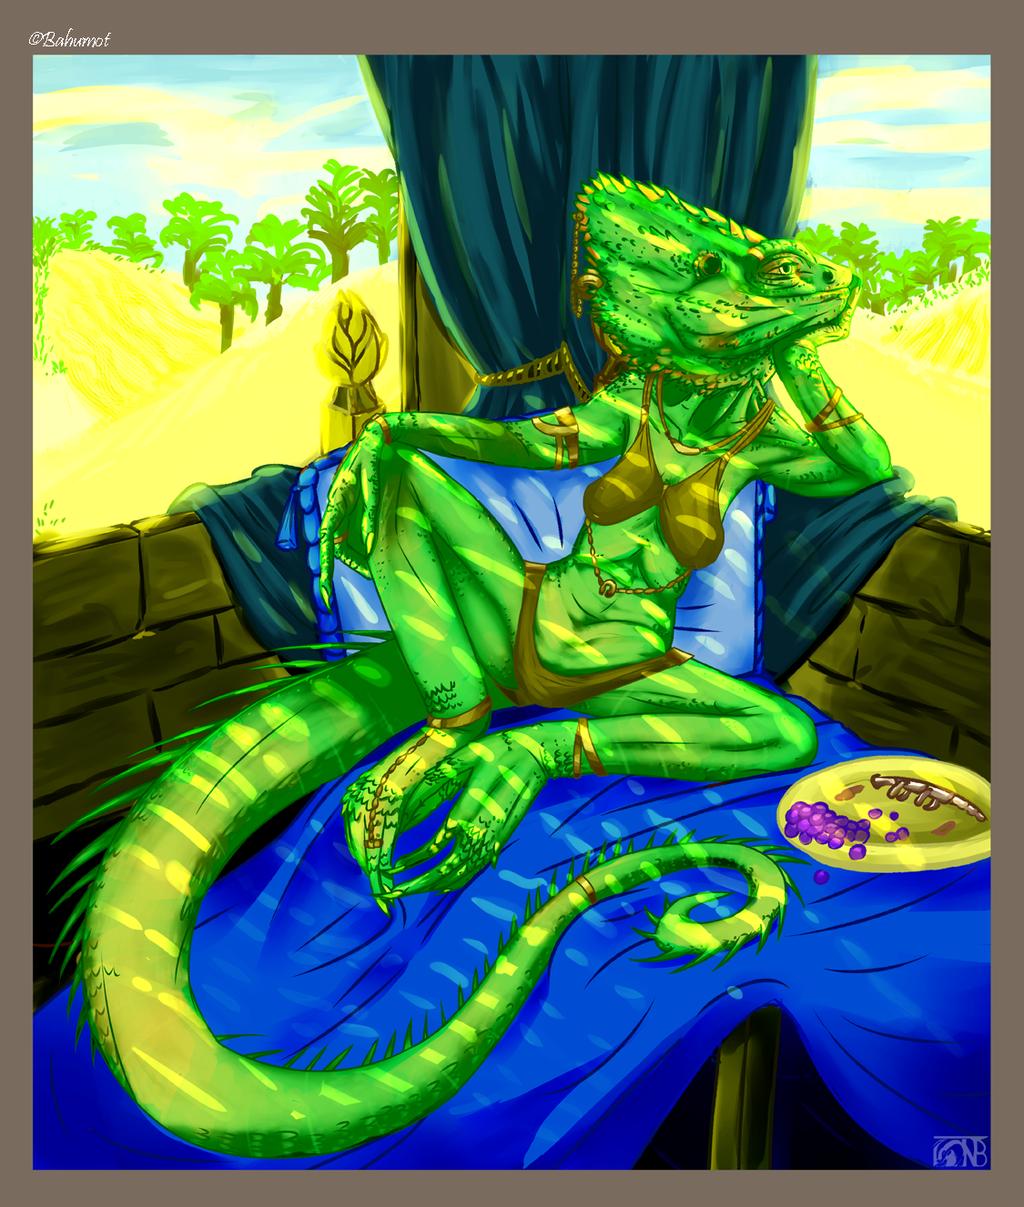 [Commish] The Lizard Queen